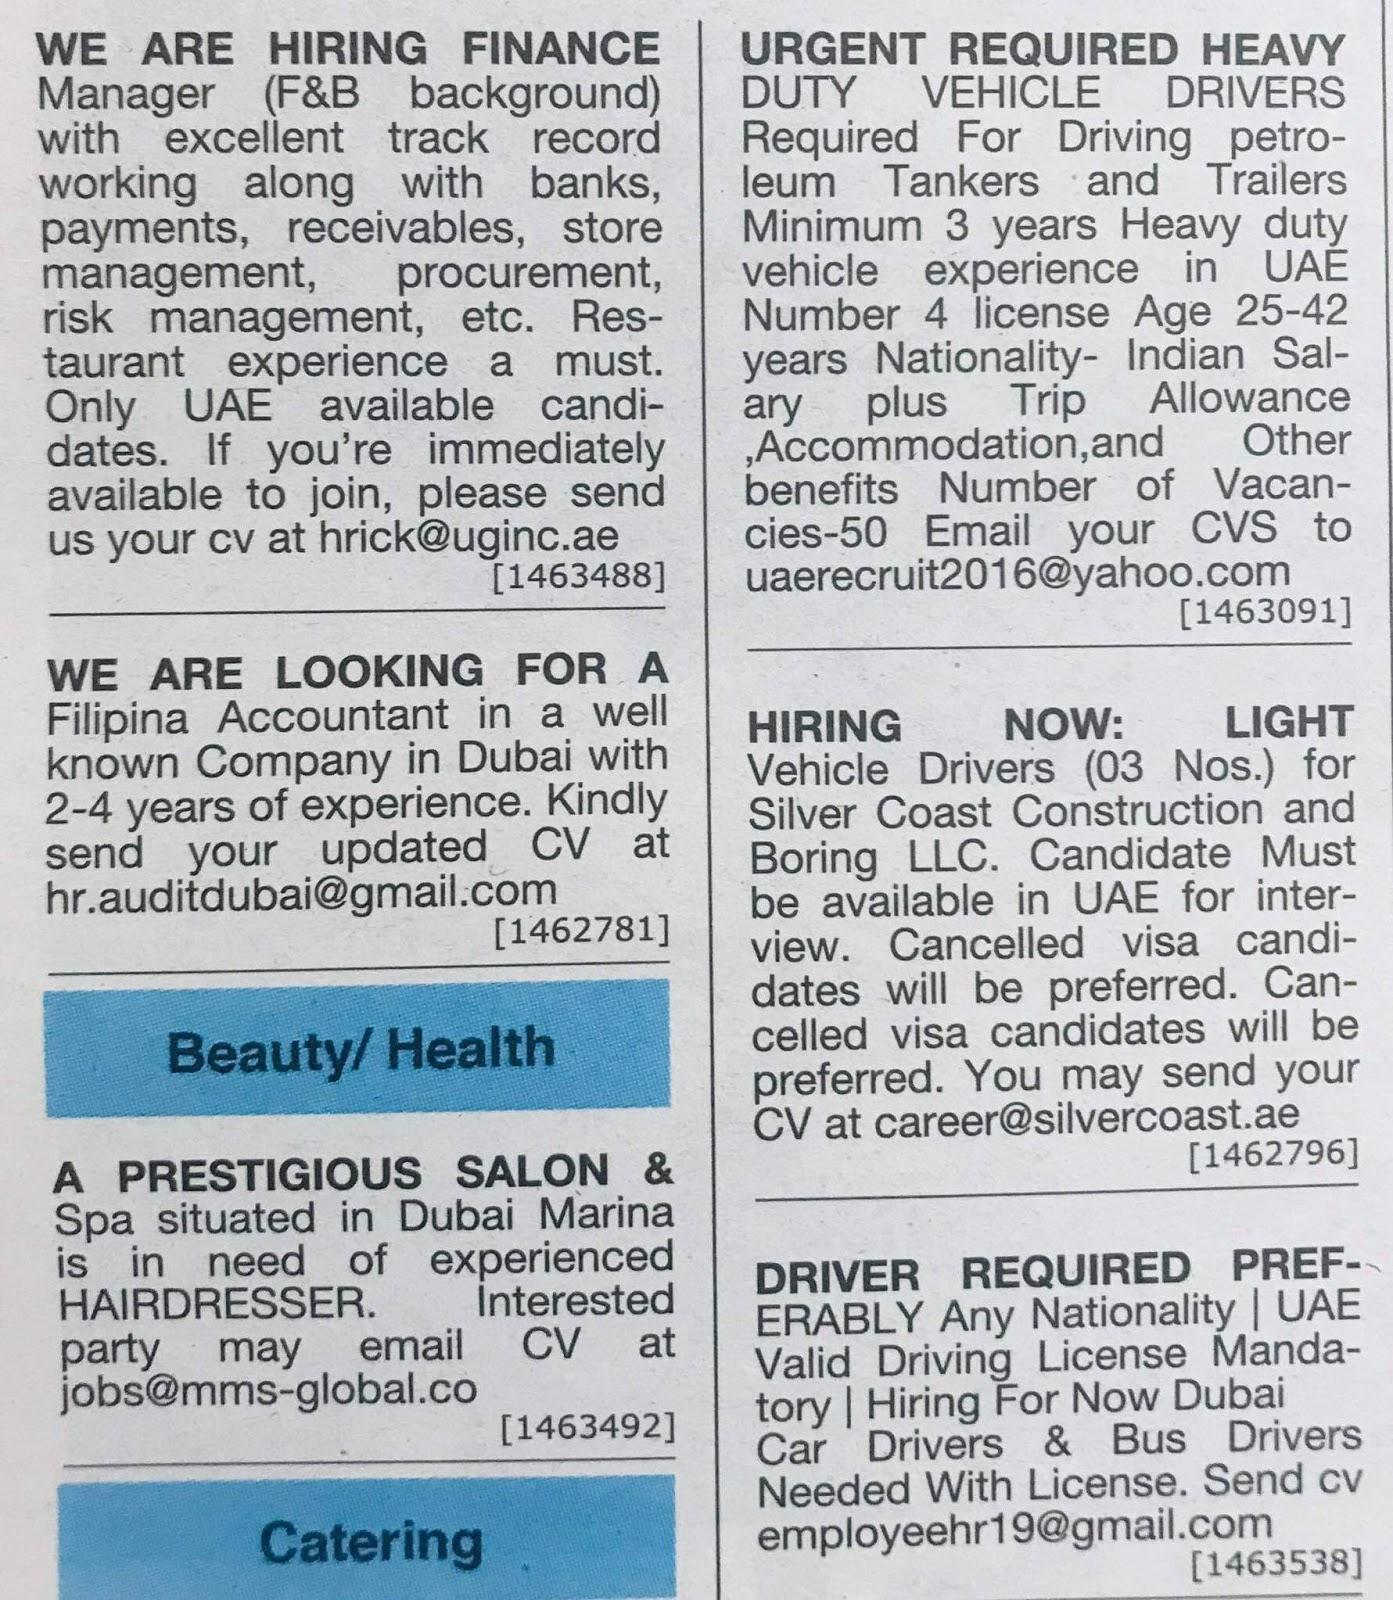 Career in UAE Local Hiring Jobs Khaleej Times-UAE-1612933- Jobs in